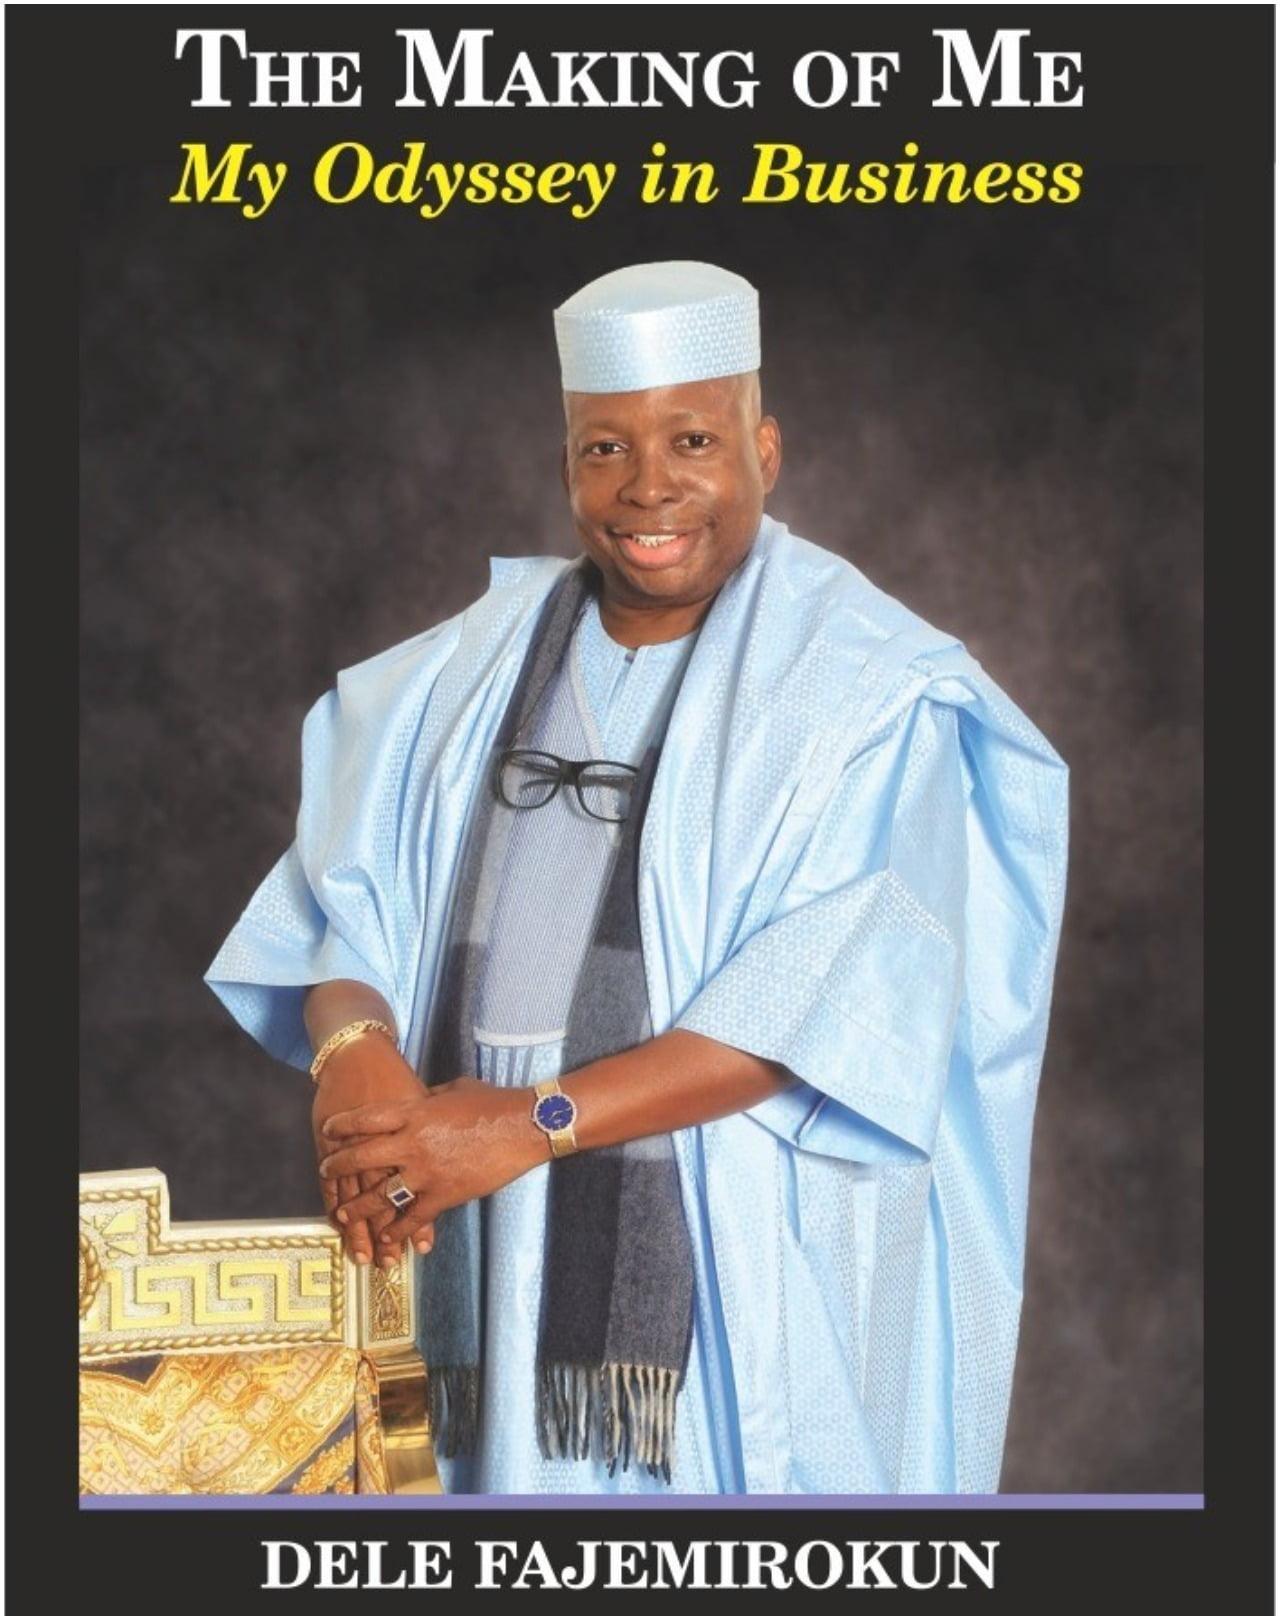 Oladele Fajemirokun's The Making of Me: My Odyssey in Business still inspiring Nigerian entrepreneurs